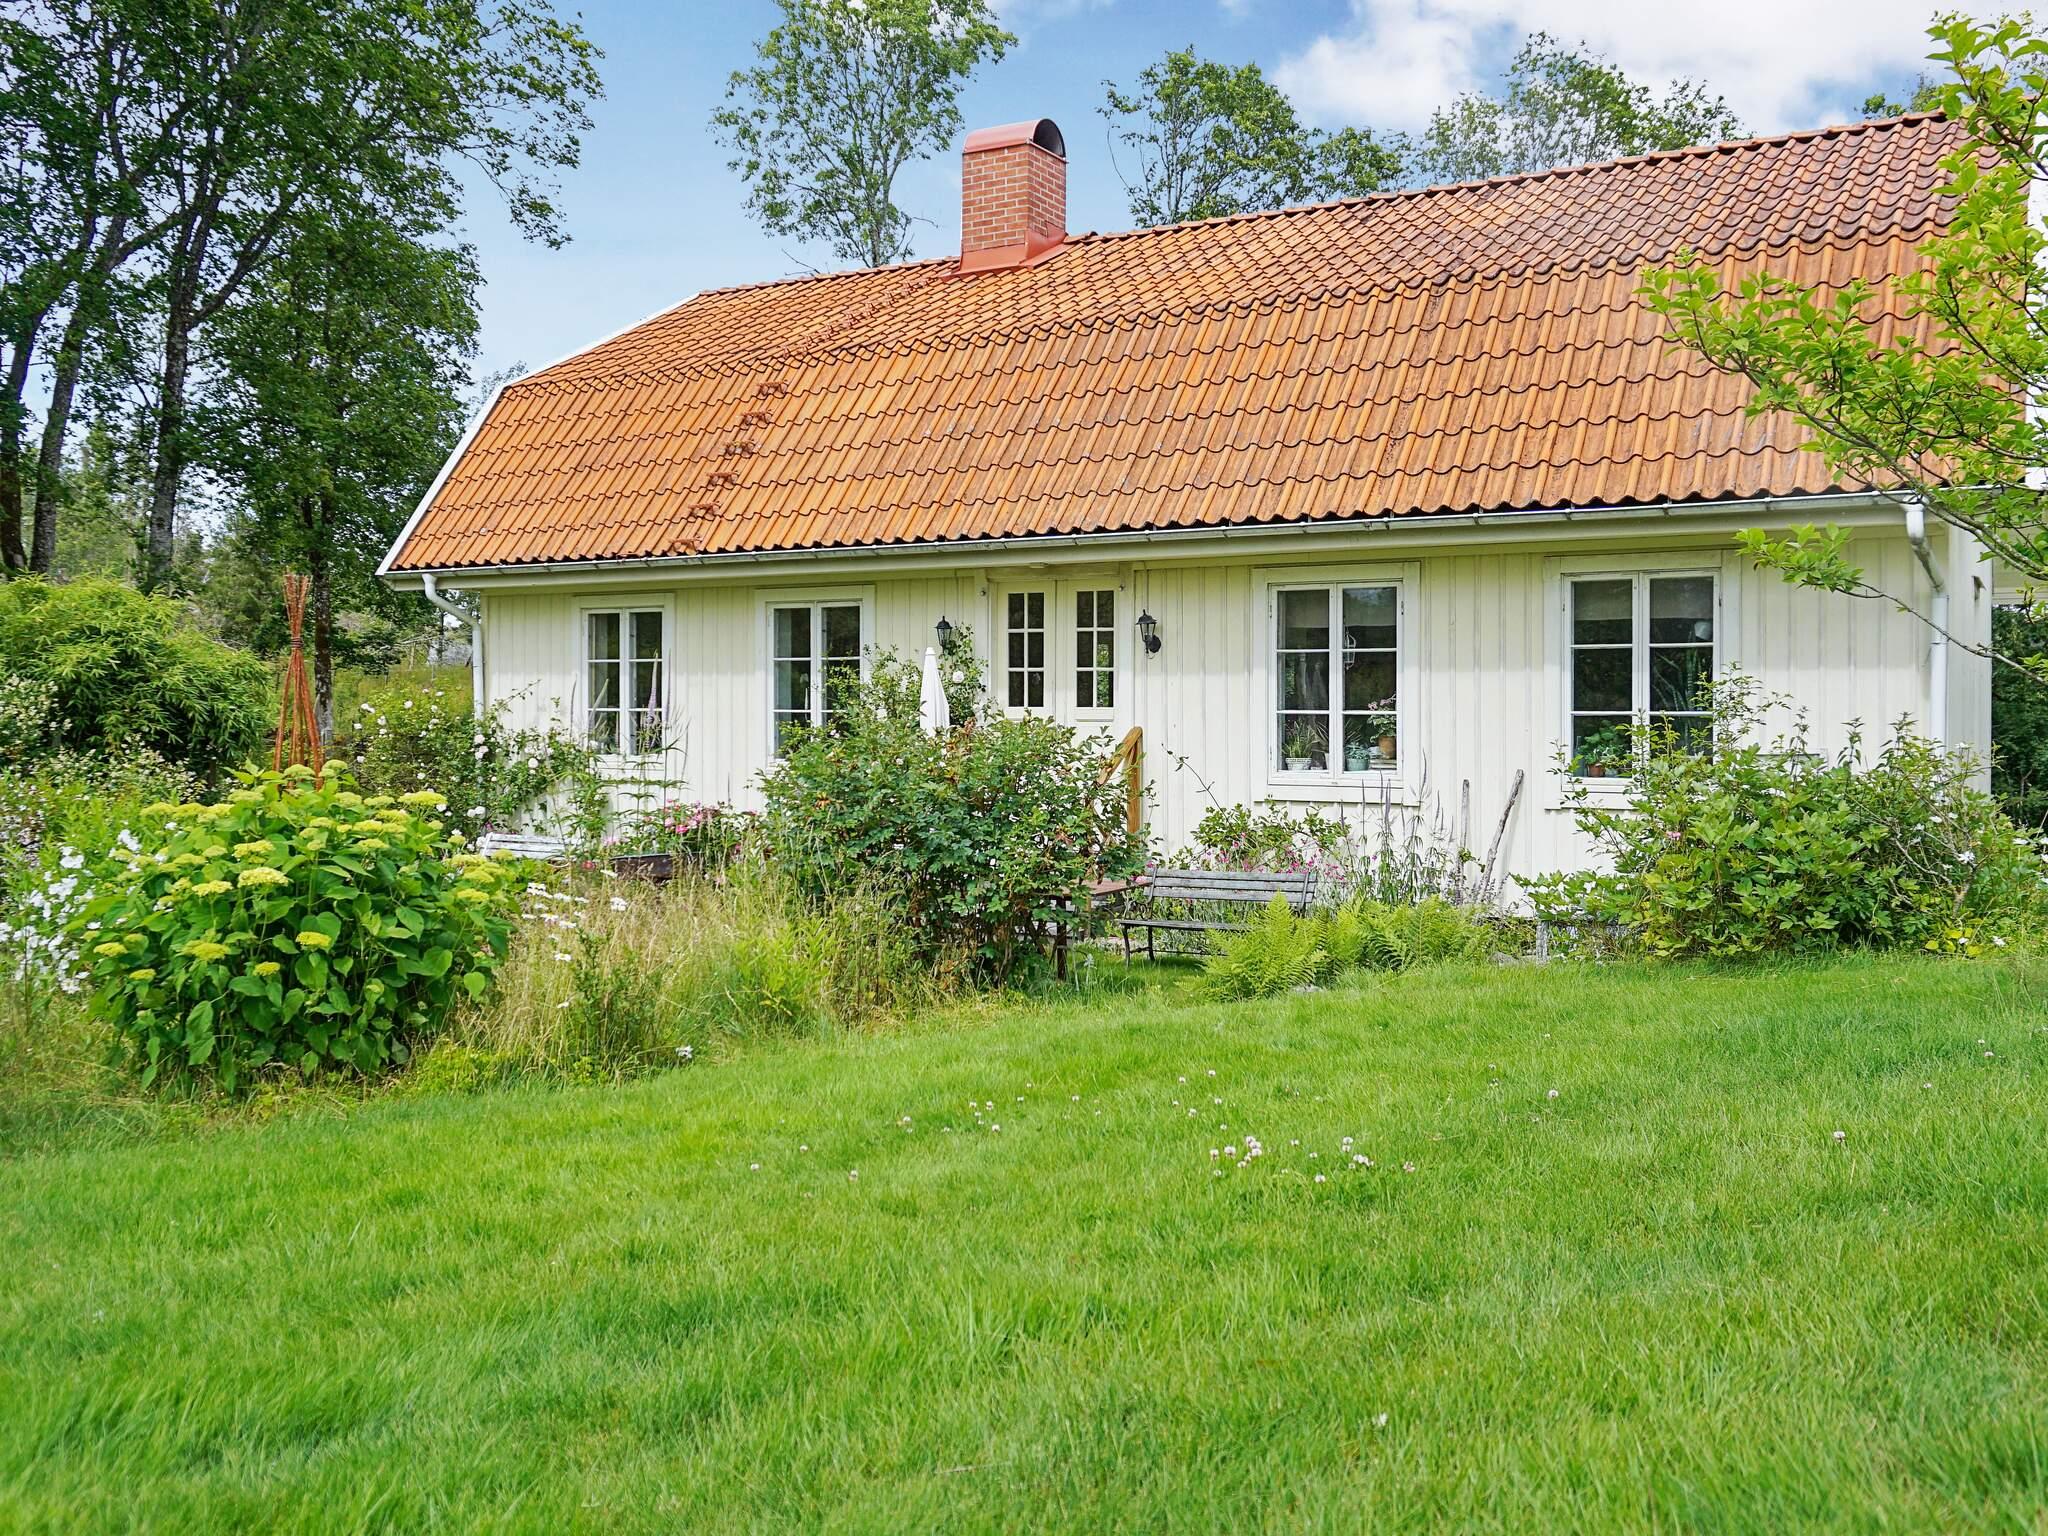 Ferienhaus Munkedal (2644651), Munkedal, Västra Götaland län, Westschweden, Schweden, Bild 27